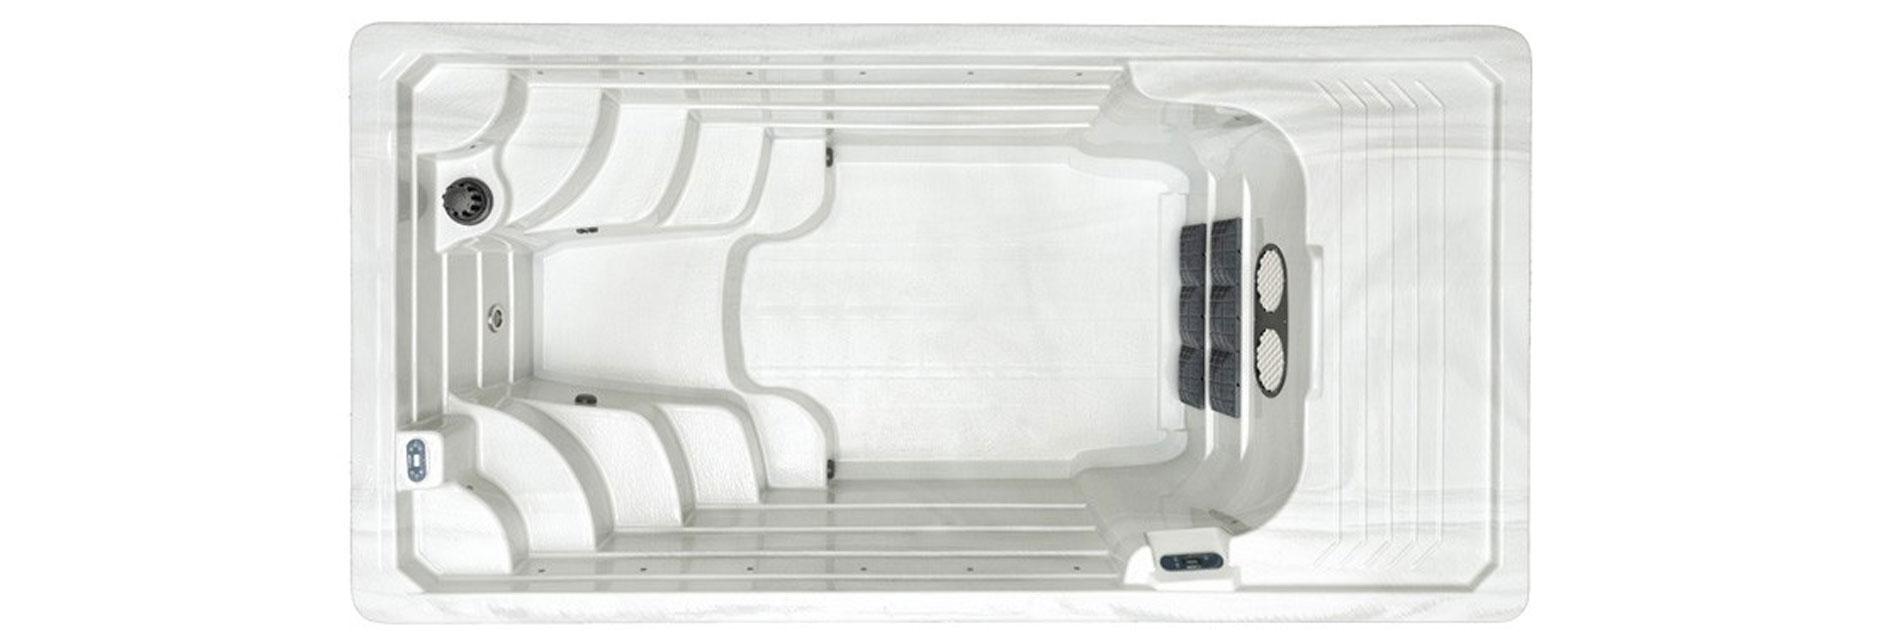 Spa de nage SUNRISE SWIM SPA 1500 STD avec double flux de nage à contre courant.